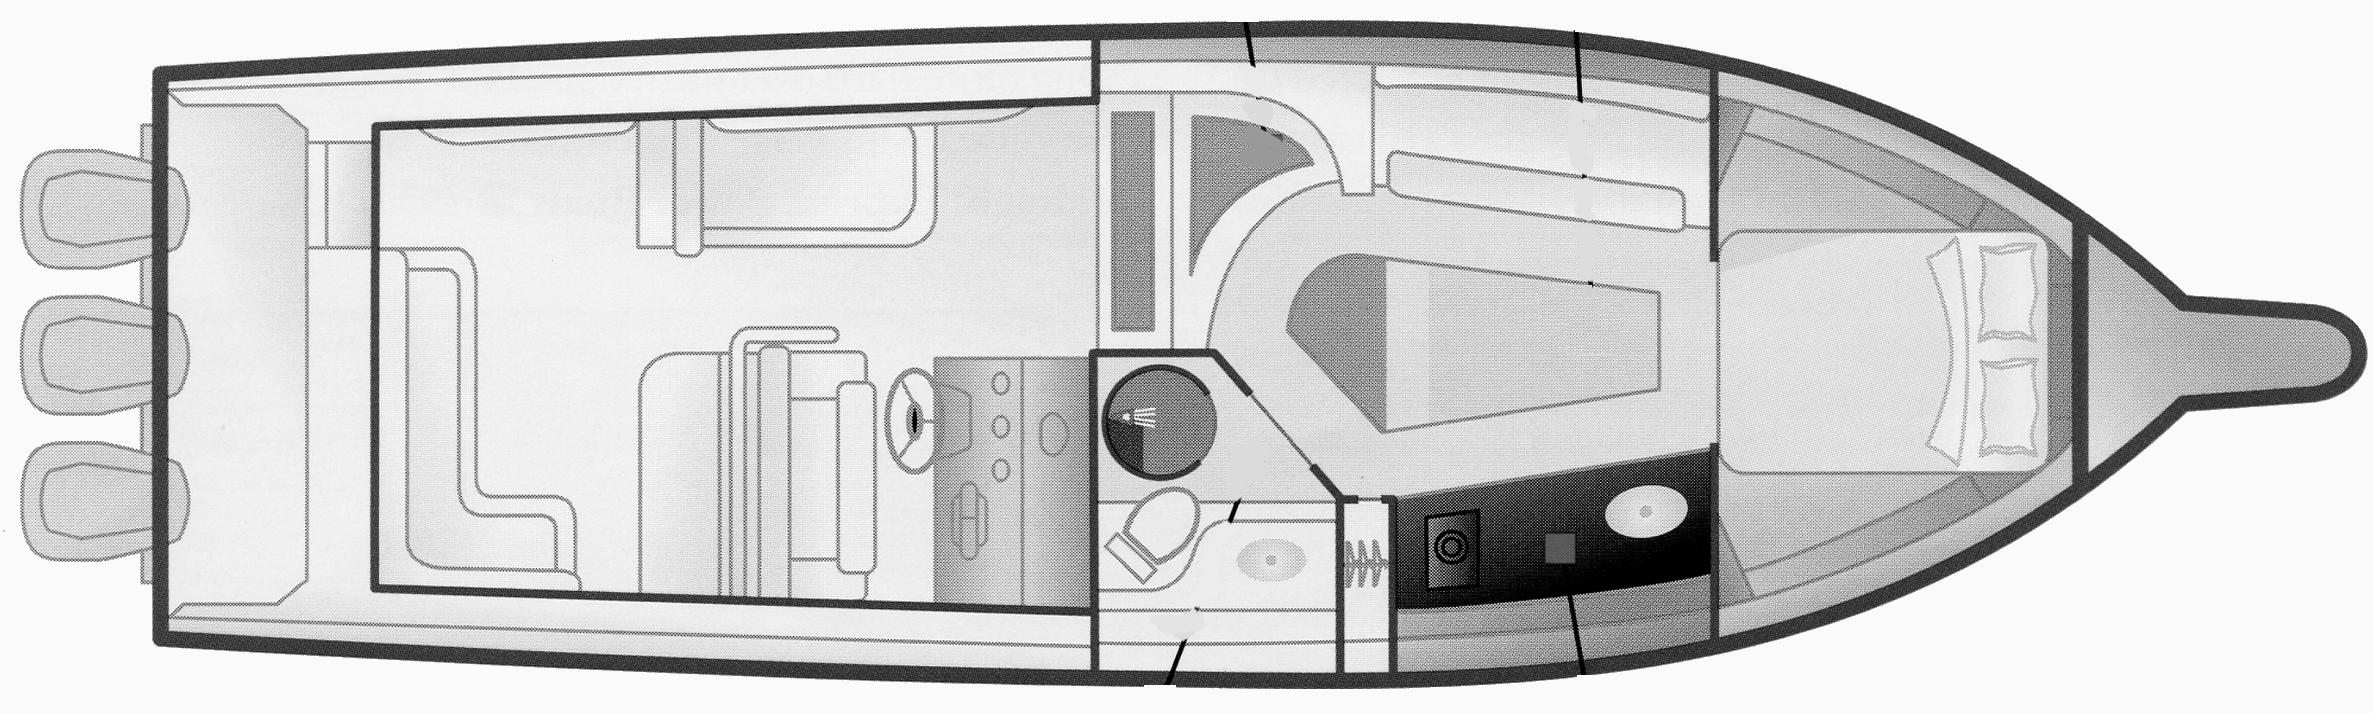 37 Cabin Floor Plan 1